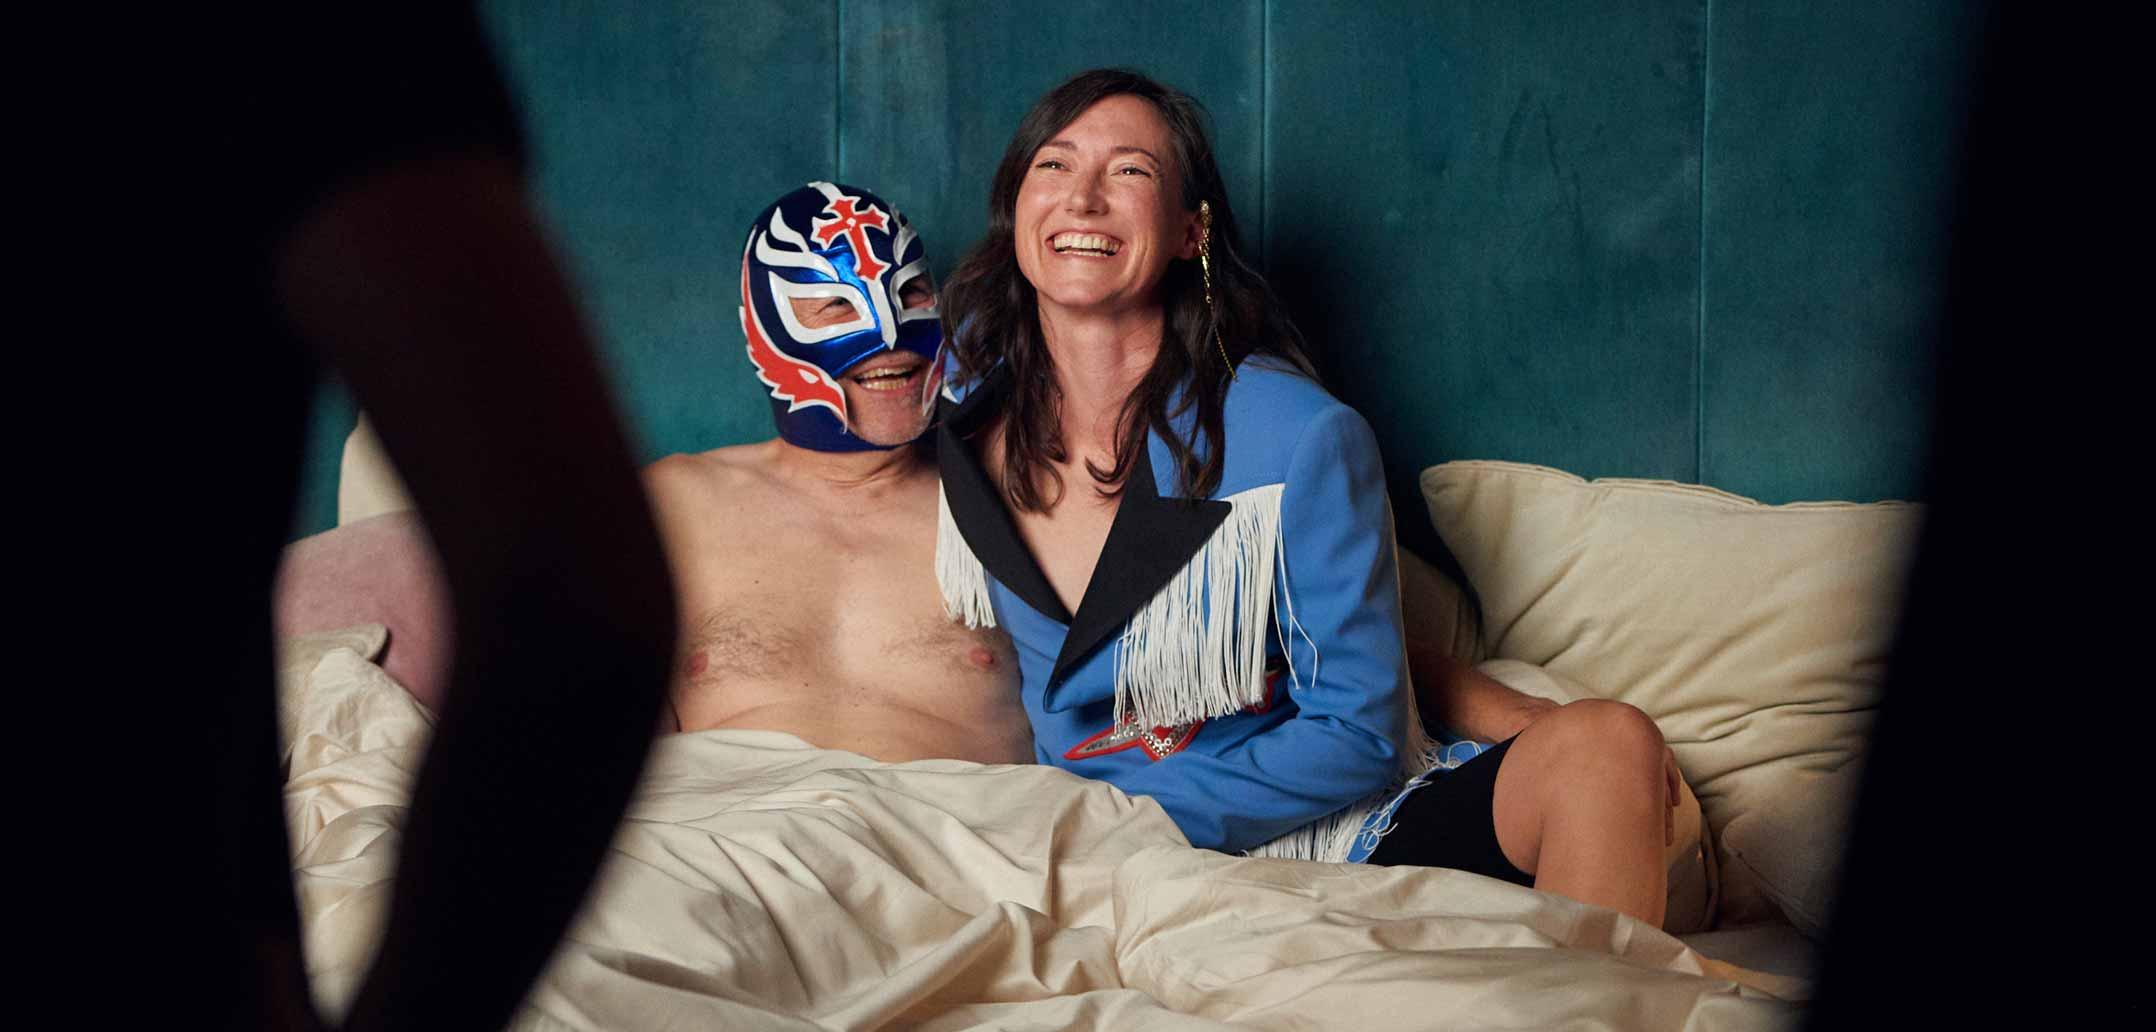 PAARDIOLOGIE: Charlotte Roches knackig-ehrlicher Beziehungs-Podcast ist da